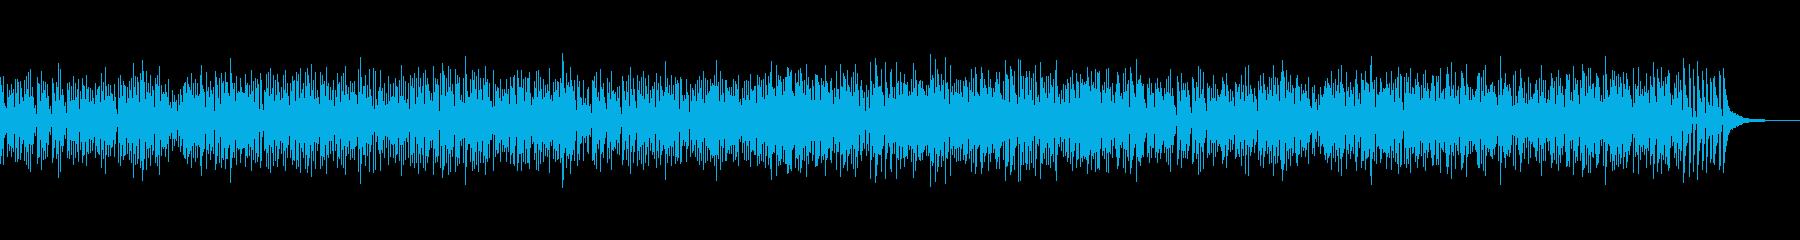 ゆったりリラックスしたい時のピアノトリオの再生済みの波形